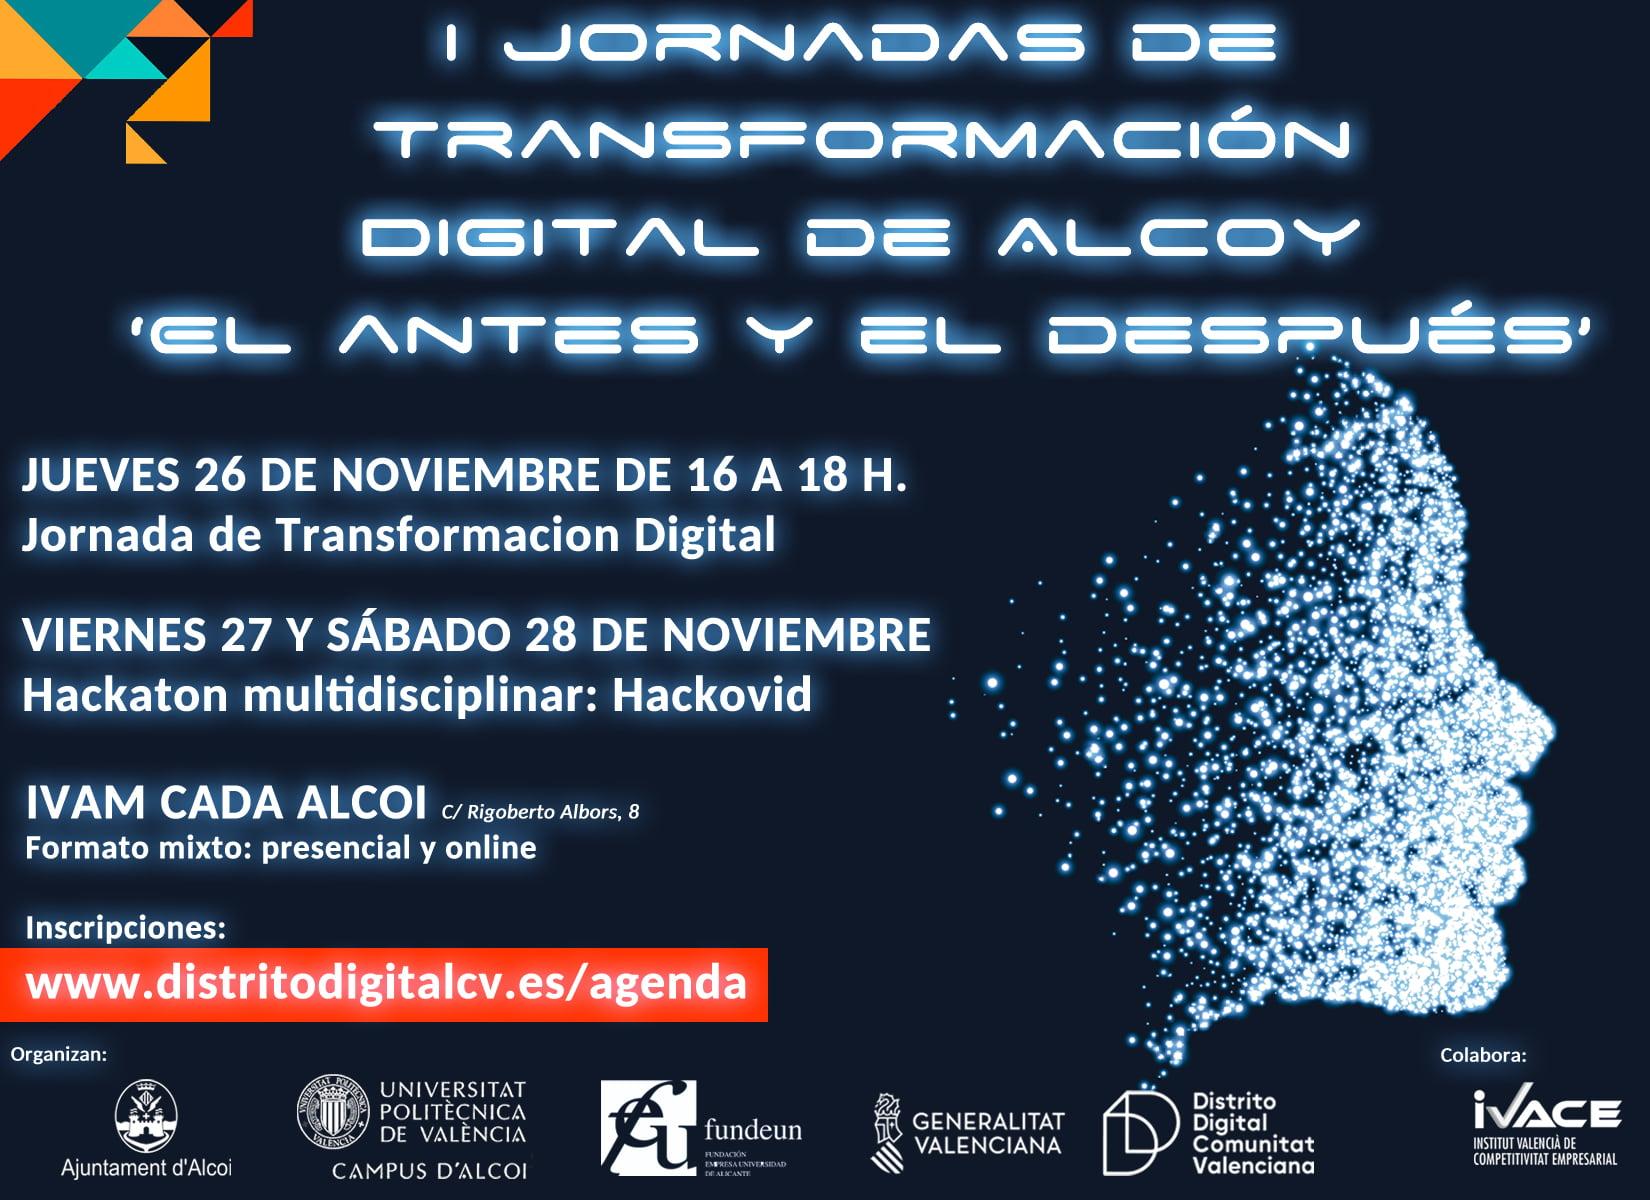 Jornadas de Transformación digital